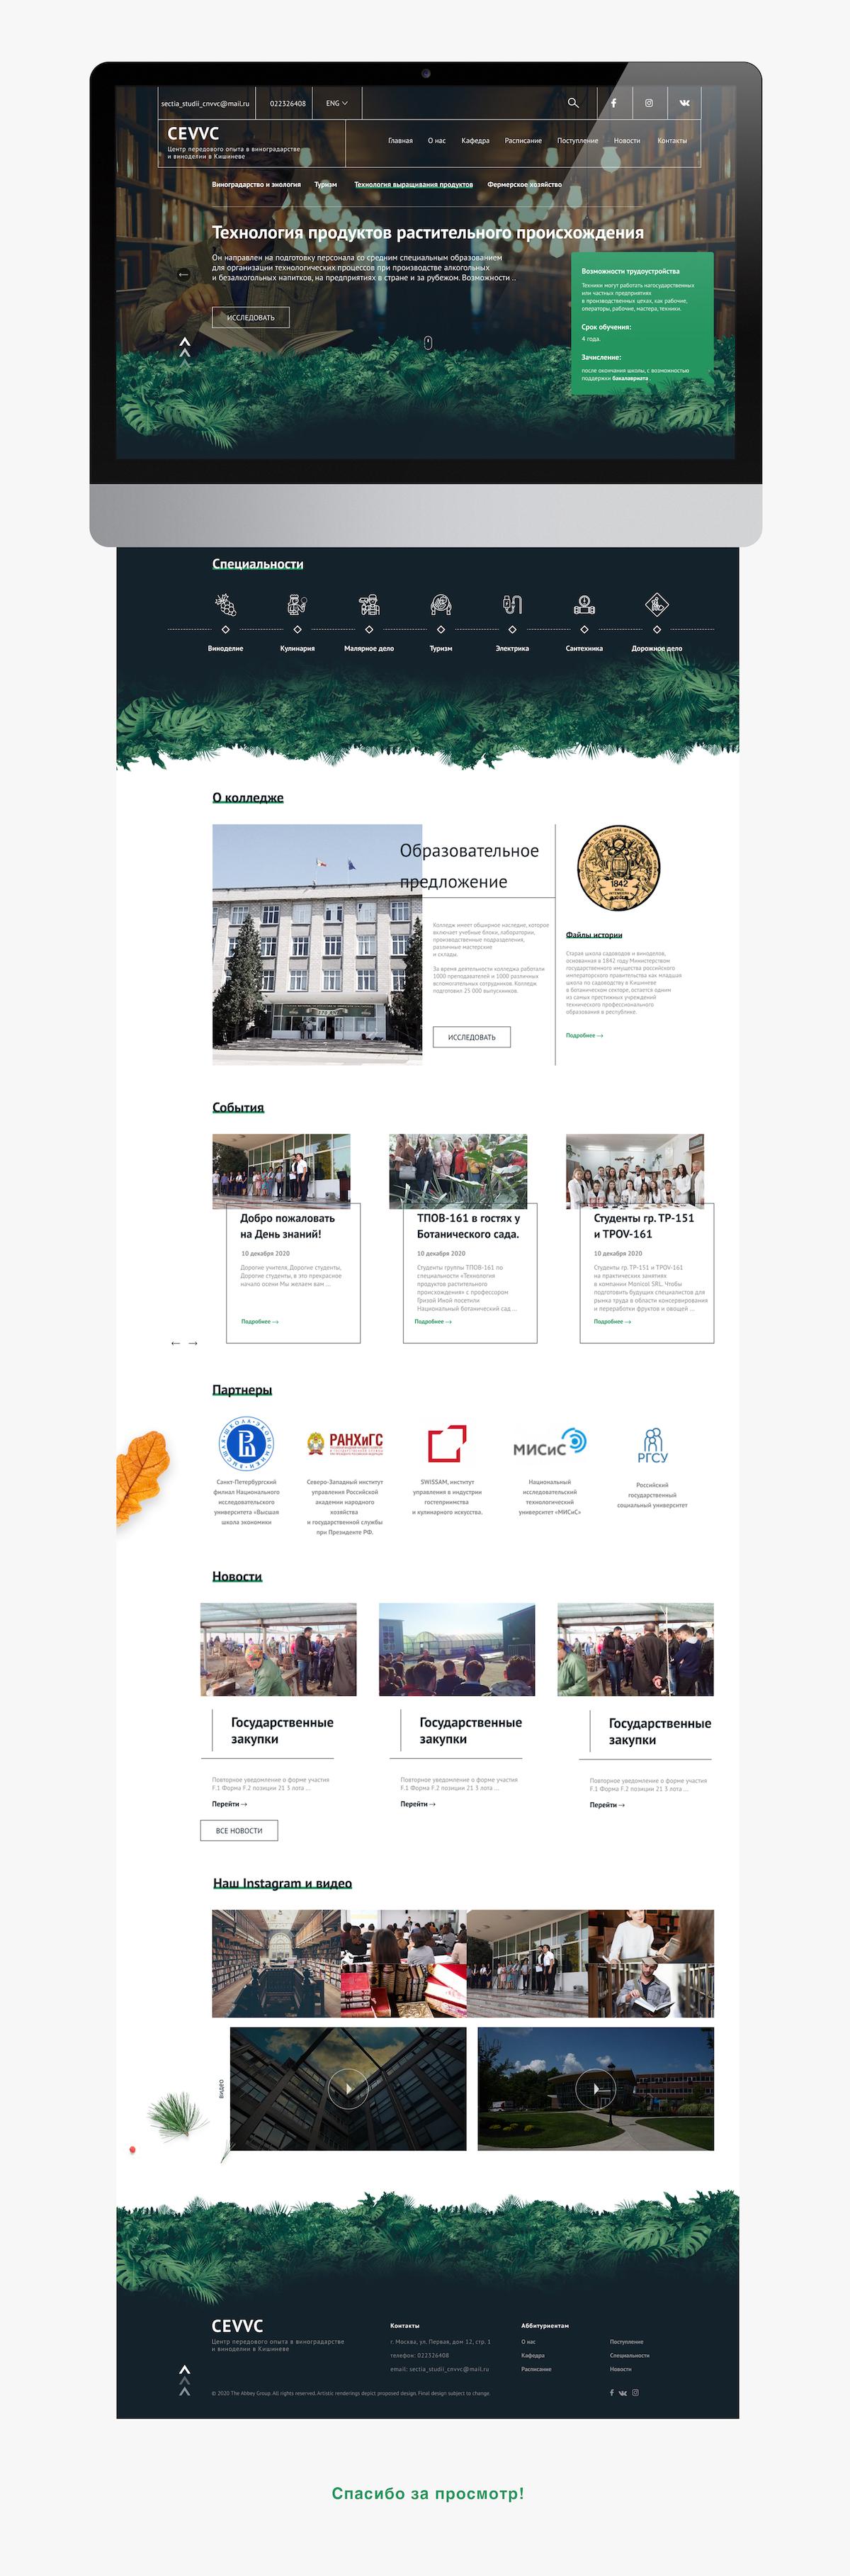 Разработка дизайна сайта колледжа фото f_0325e5e5f8357c5e.jpg